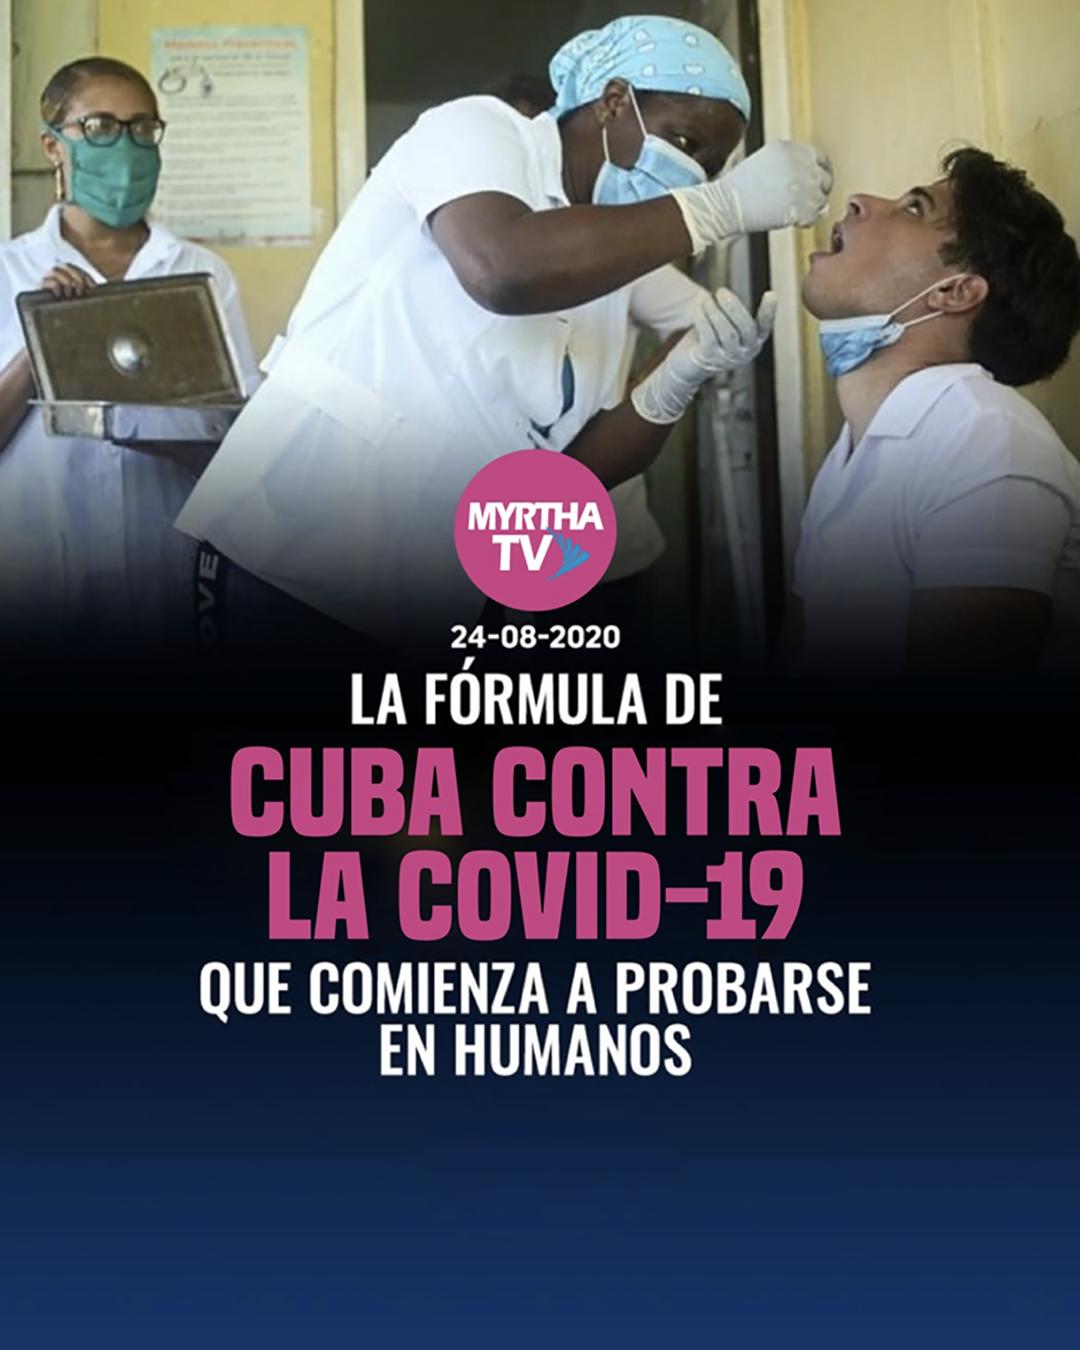 LA FÓRMULA DE CUBA CONTRA LA COVID-19